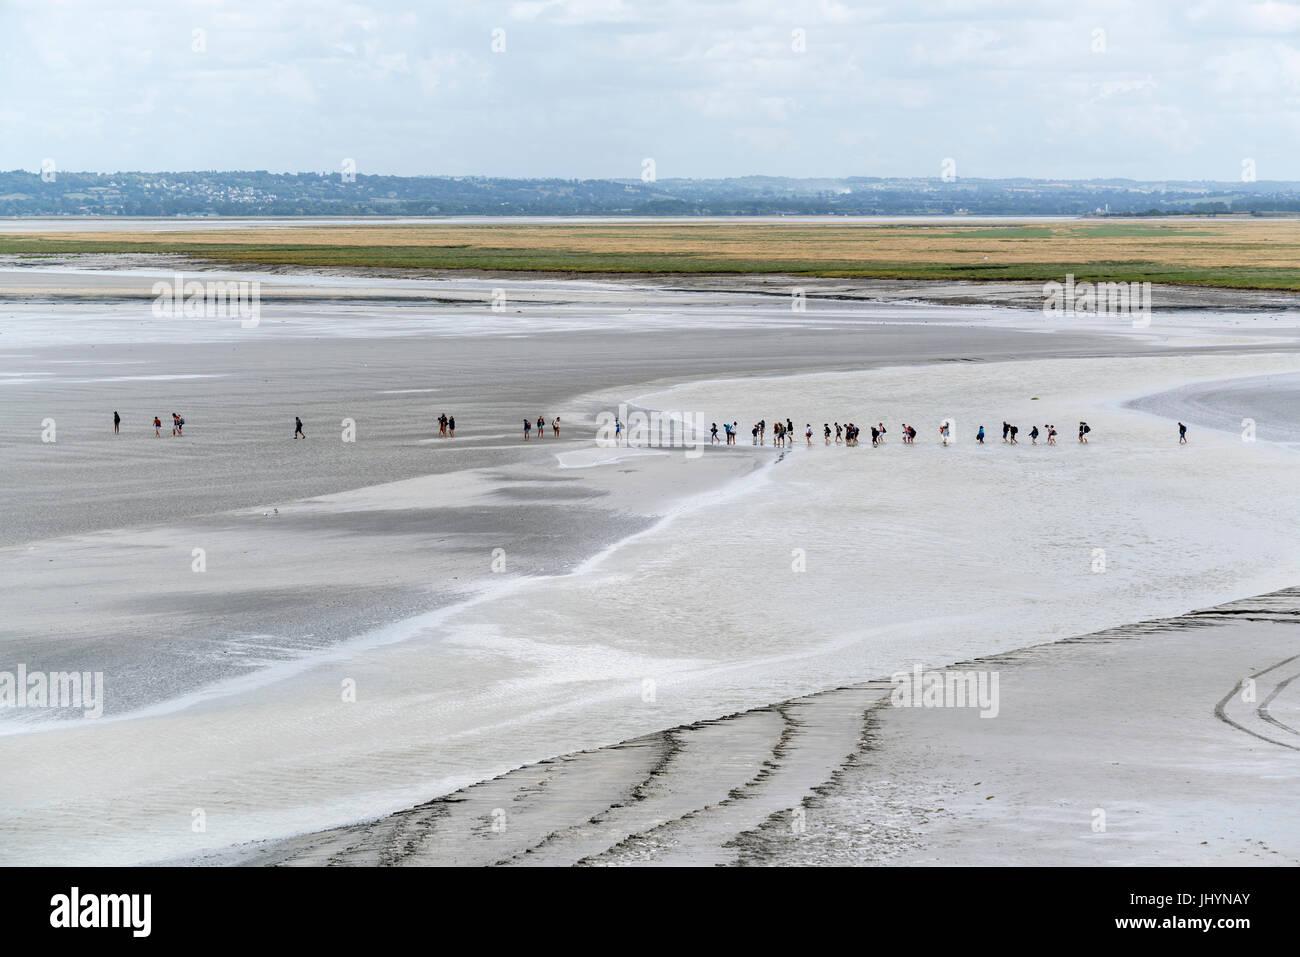 La gente caminando en la arena durante la marea baja, el Mont-Saint-Michel, en Normandía, Francia, Europa Foto de stock